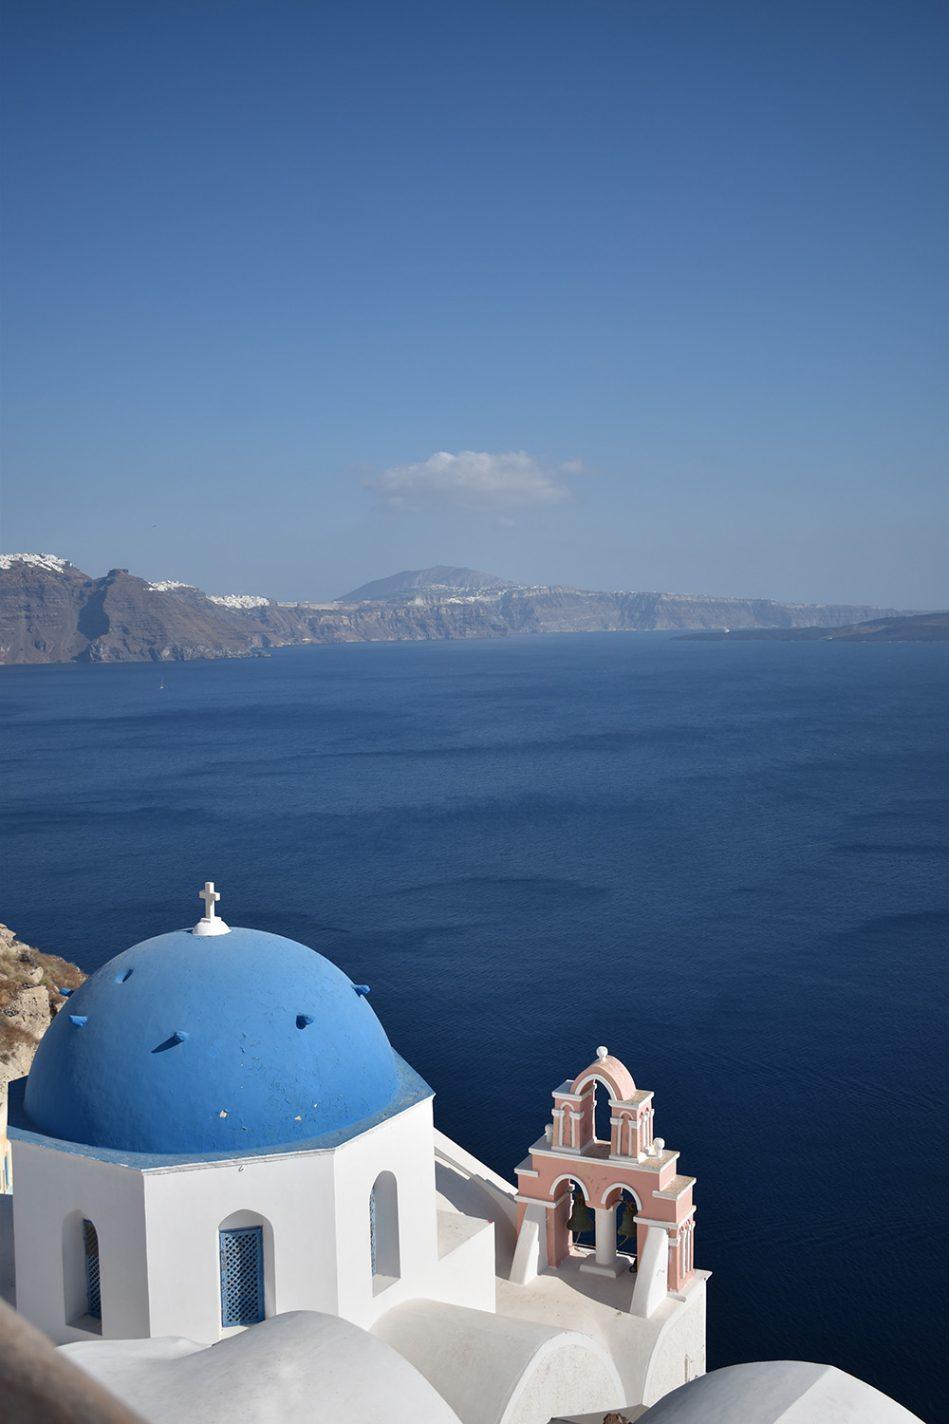 Blauwe daken op Santorini